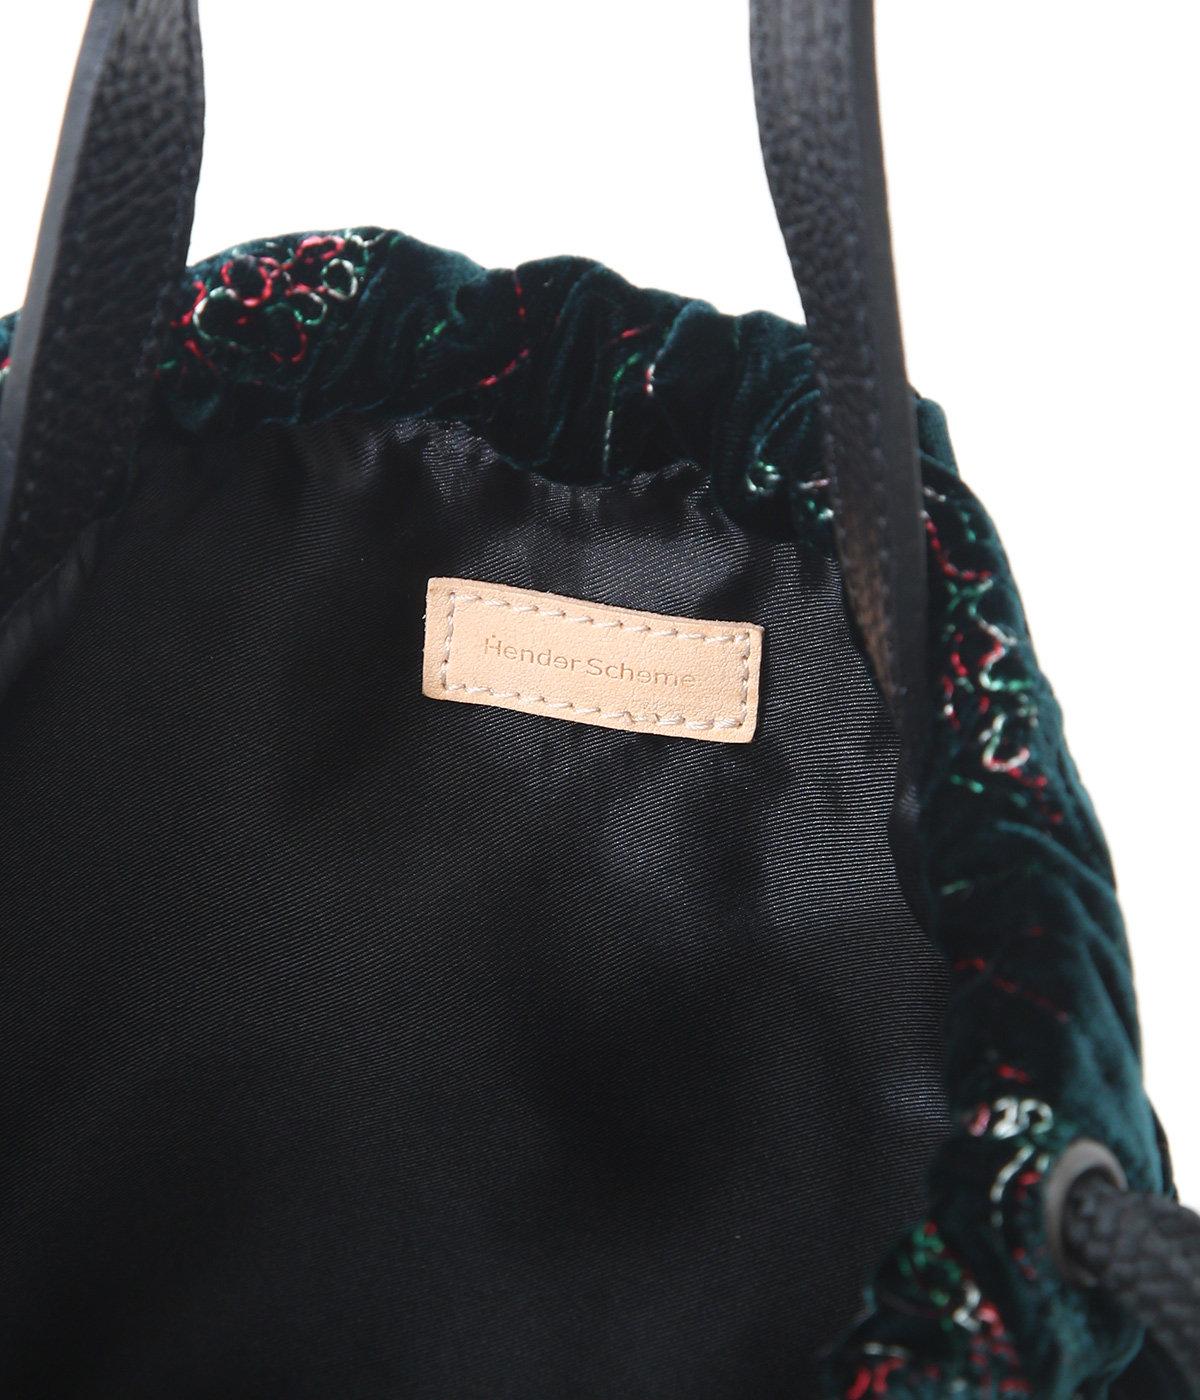 velvet quilt pouchsack